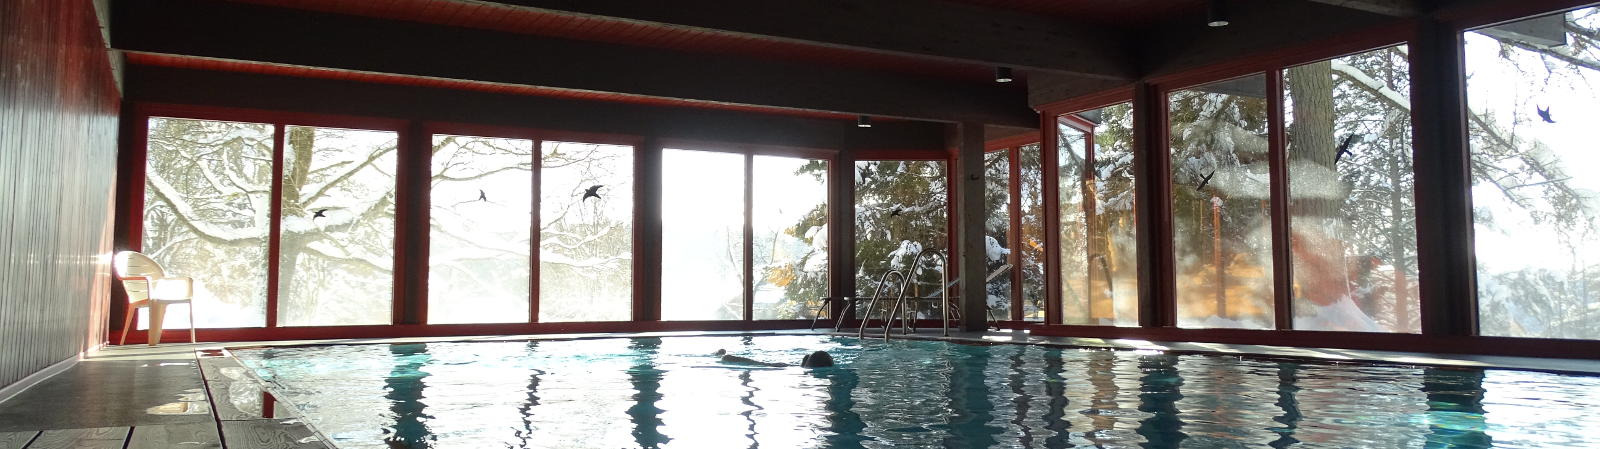 Krankenhaus & Sanatorium Dr. Barner - Schwimmbad im Winter